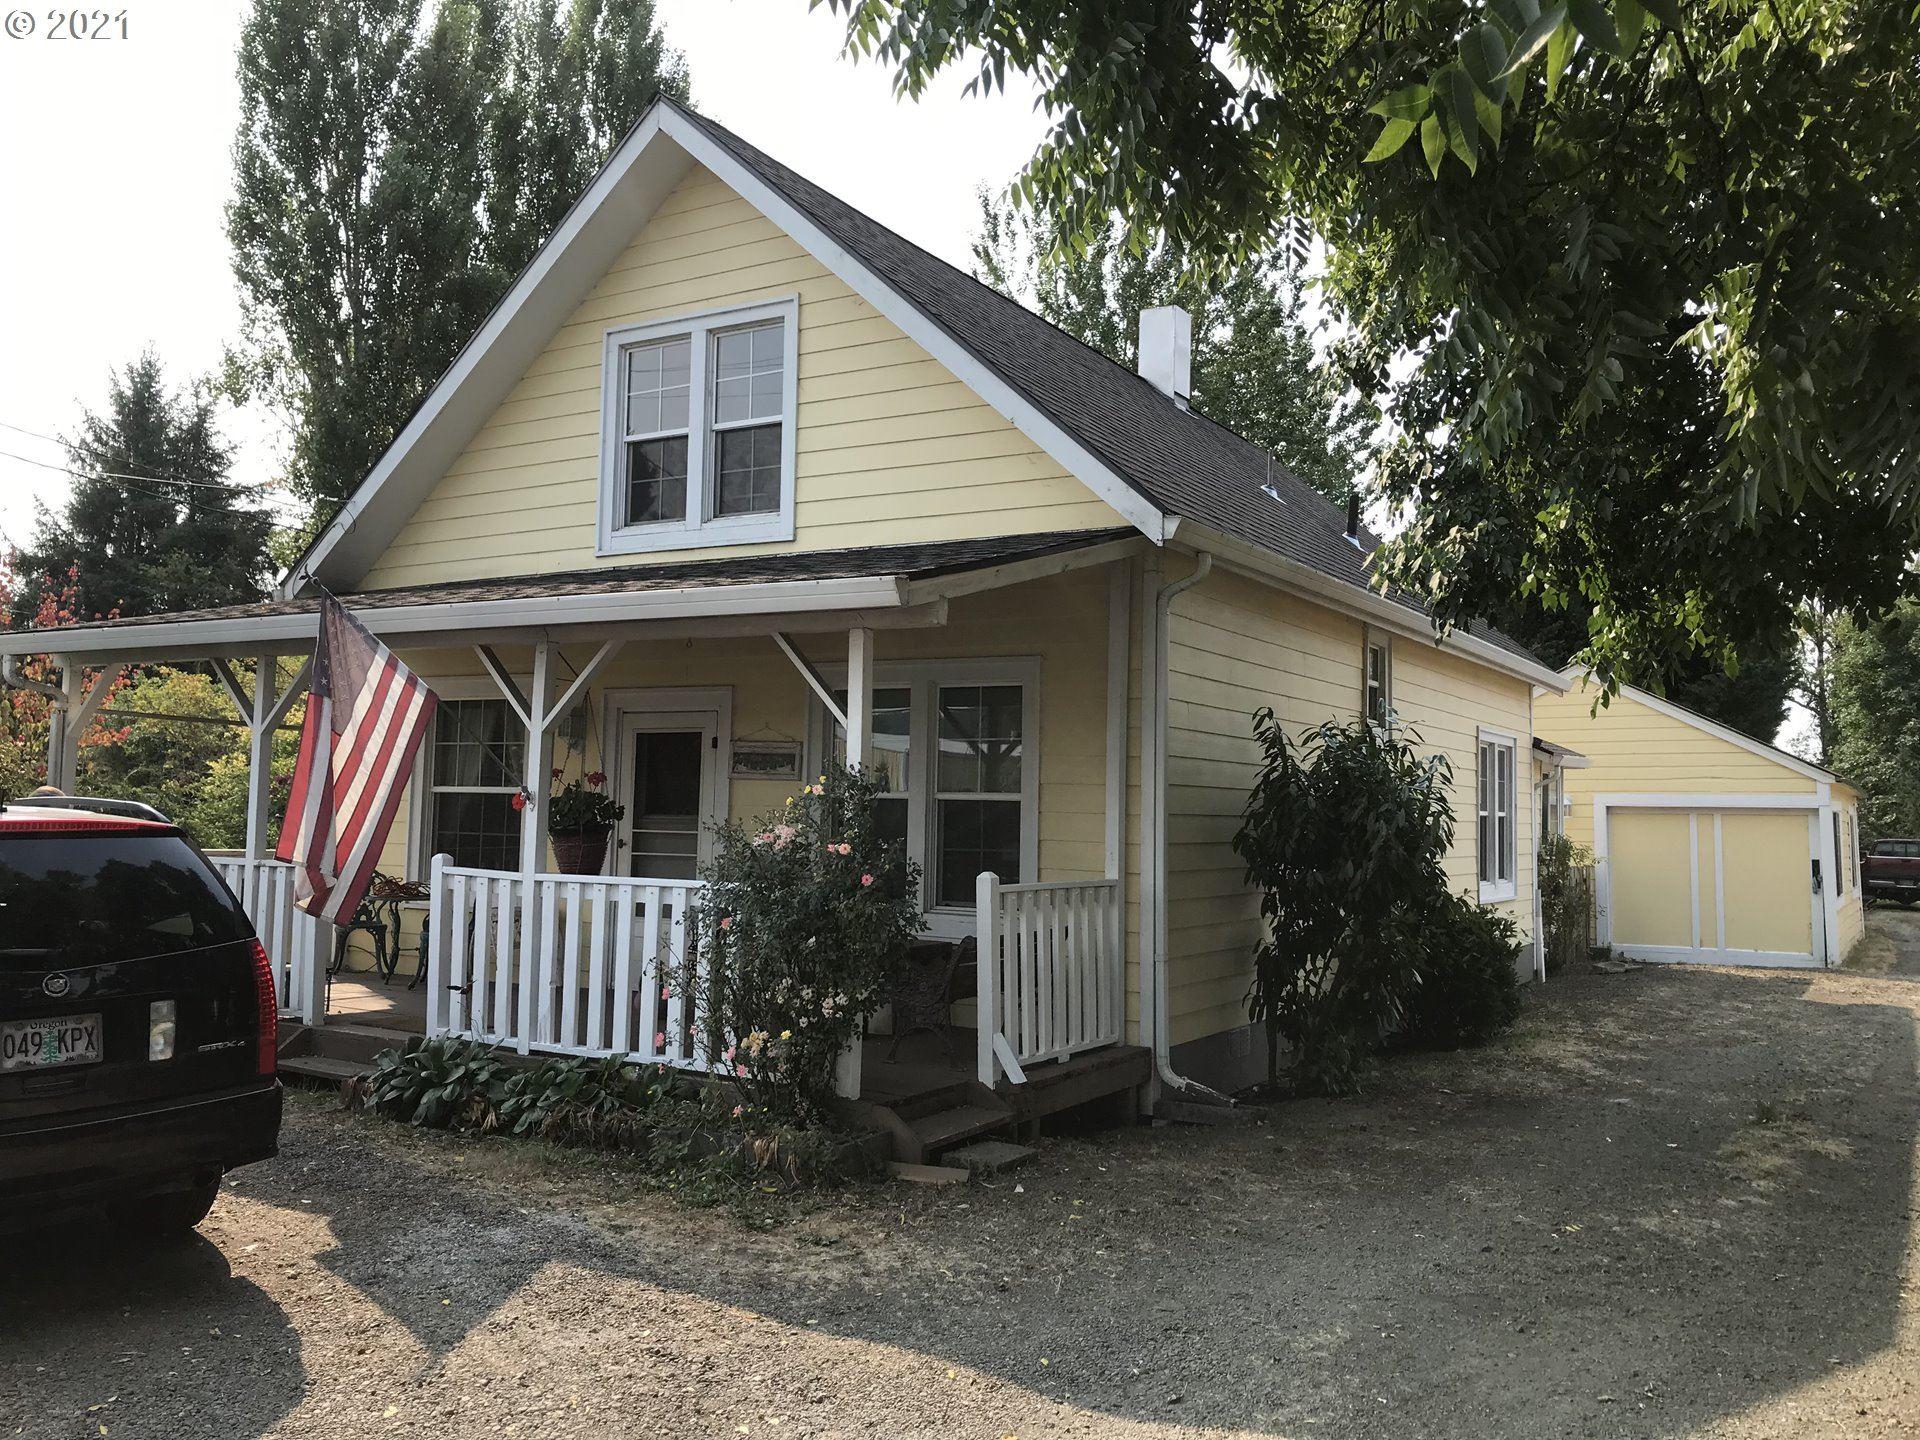 1024 W MAIN ST, Sheridan, OR 97378 - MLS#: 21376117